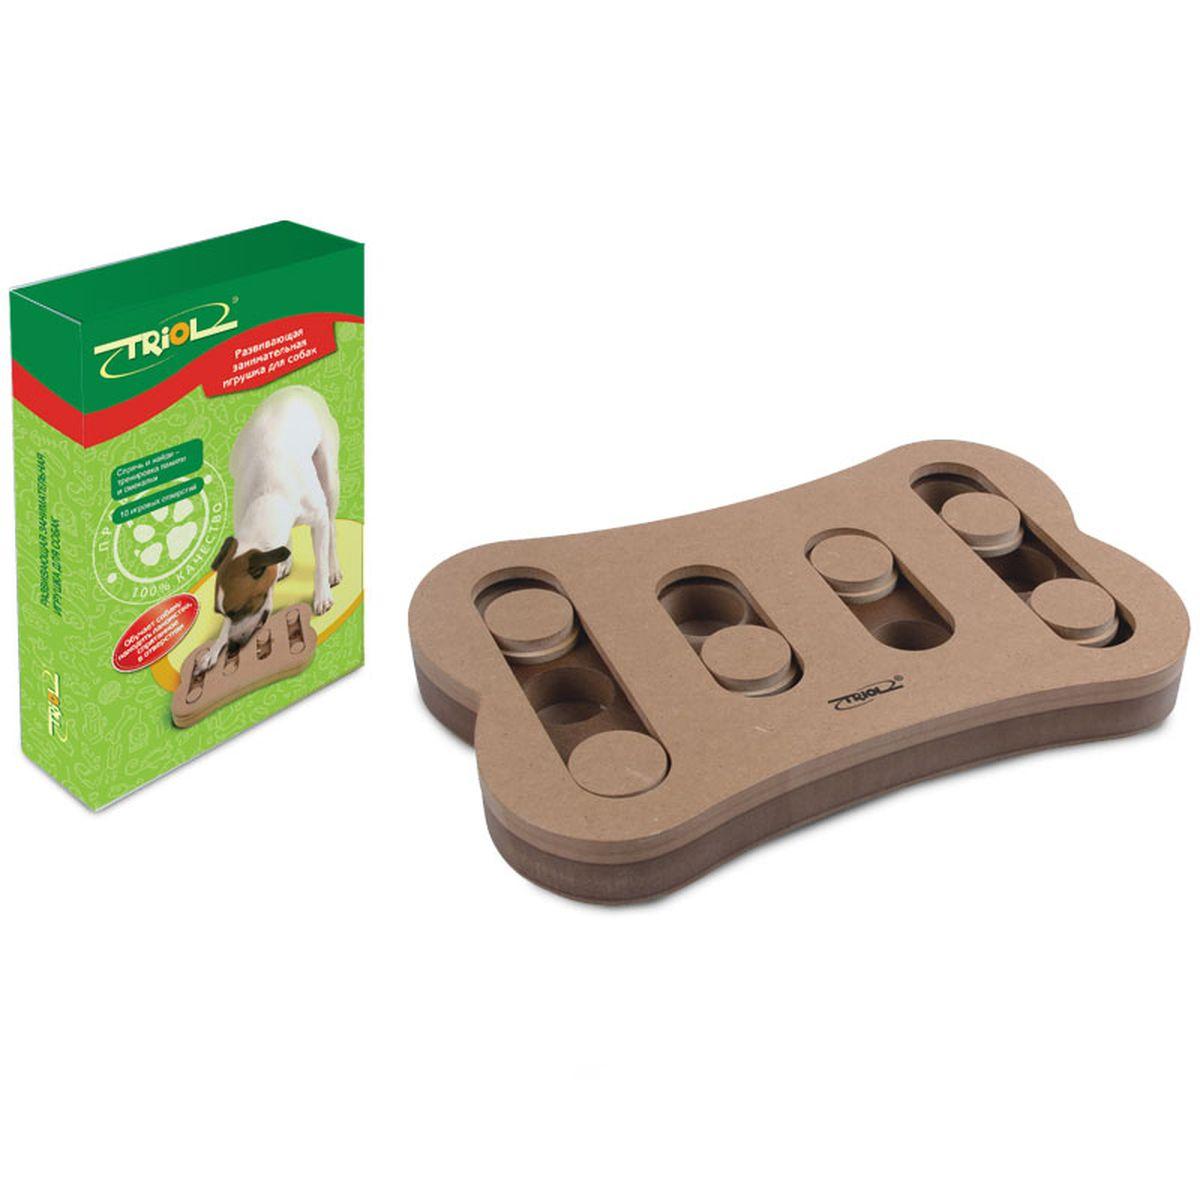 Игрушка для собак Triol Спрячь и найди, 29,5 х 19 х 3,4 смTT02Развивающая игрушка для собак Triol Спрячь и найди не просто скрашивают досуг питомца и его владельца, они помогают в дрессировке, тренируют память и мышление домашних питомцев, да и просто украшают интерьер своим необычным видом. Практичная игрушка, наполняемая кормом, для щенков и собак, займет вашего четвероногого друга на долгие часы. Вам достаточно лишь спрятать угощение в одной из лунок и накрыть их пятнашками. Используя лапы и нос, собака сама сможет определять, где именно спрятано лакомство, и доставать его оттуда. Игрушка Спрячь и найди предназначена для тренировки памяти и смекалки. На каждой стороне игрушки есть специальные отверстия, в которые можно положить кусочки лакомств, чтобы питомцам было гораздо интереснее выполнять задания. Развивающая игрушка-кормушка для собак Triol Спрячь и найди стимулирует охотничьи навыки собаки, стимулируя ее к активному поиску обычного корма или лакомства. Размер: 29,5 х 19 х 3,4 см. Рекомендуем!